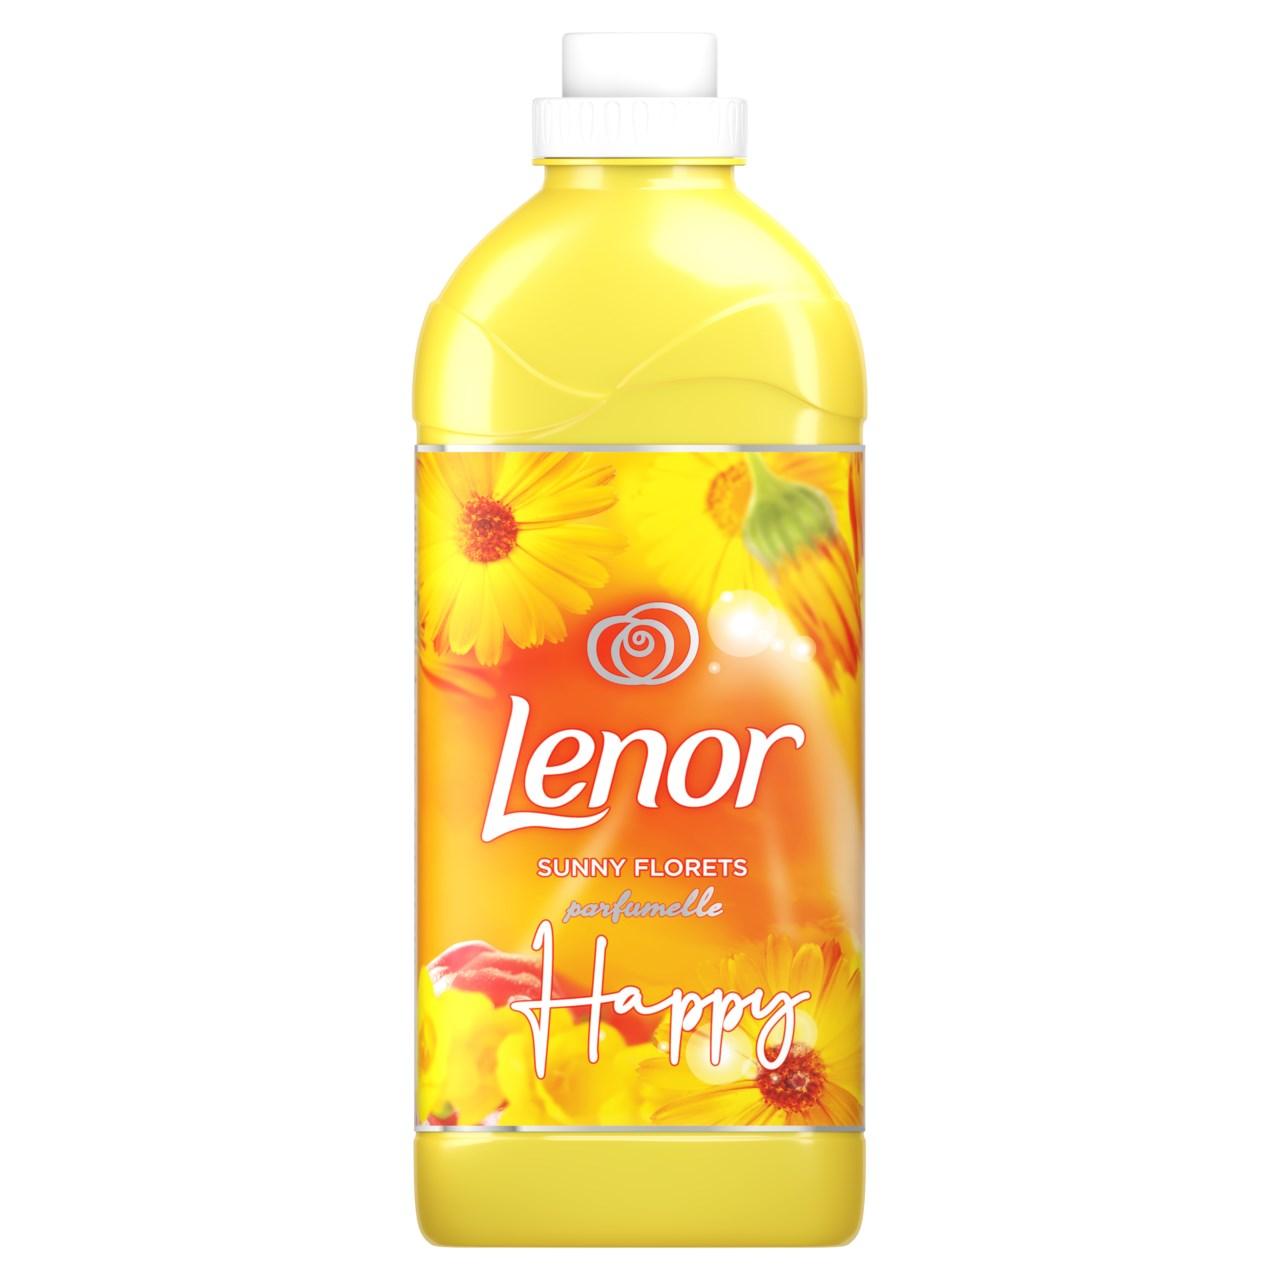 Lenor Sunny Florets aviváž 47 praní 1x1420 ml